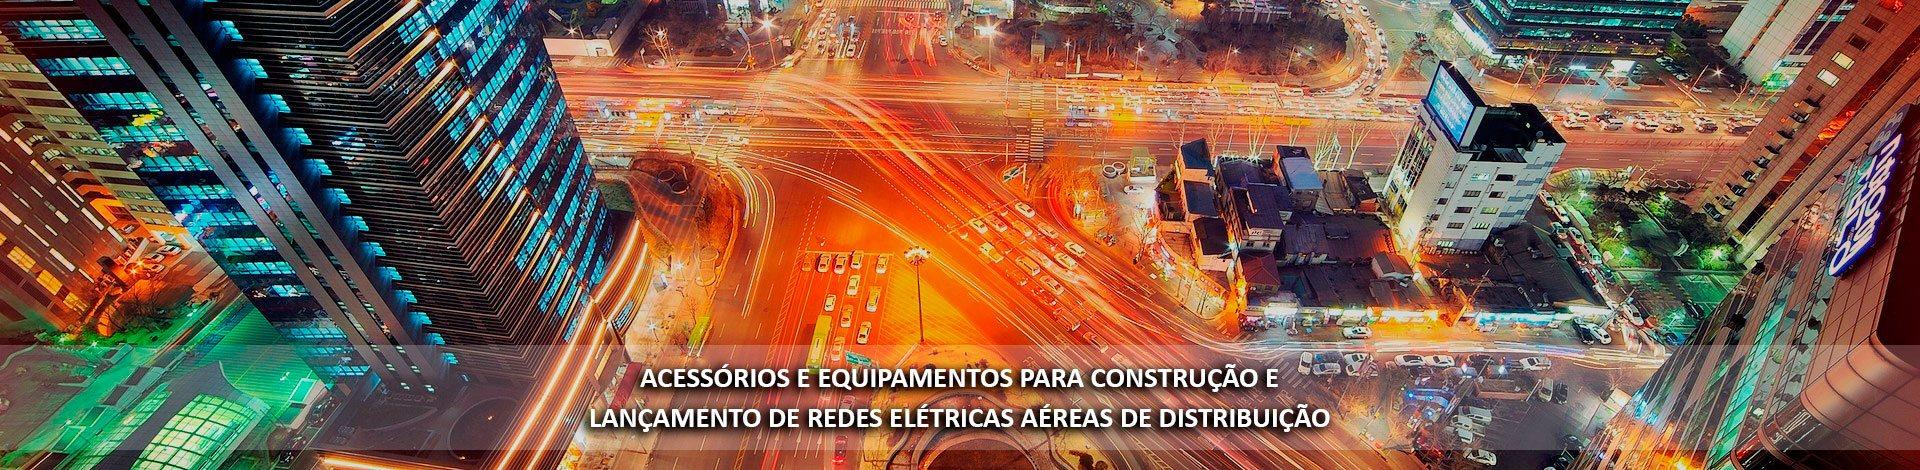 Acessórios para construção de rede elétrica